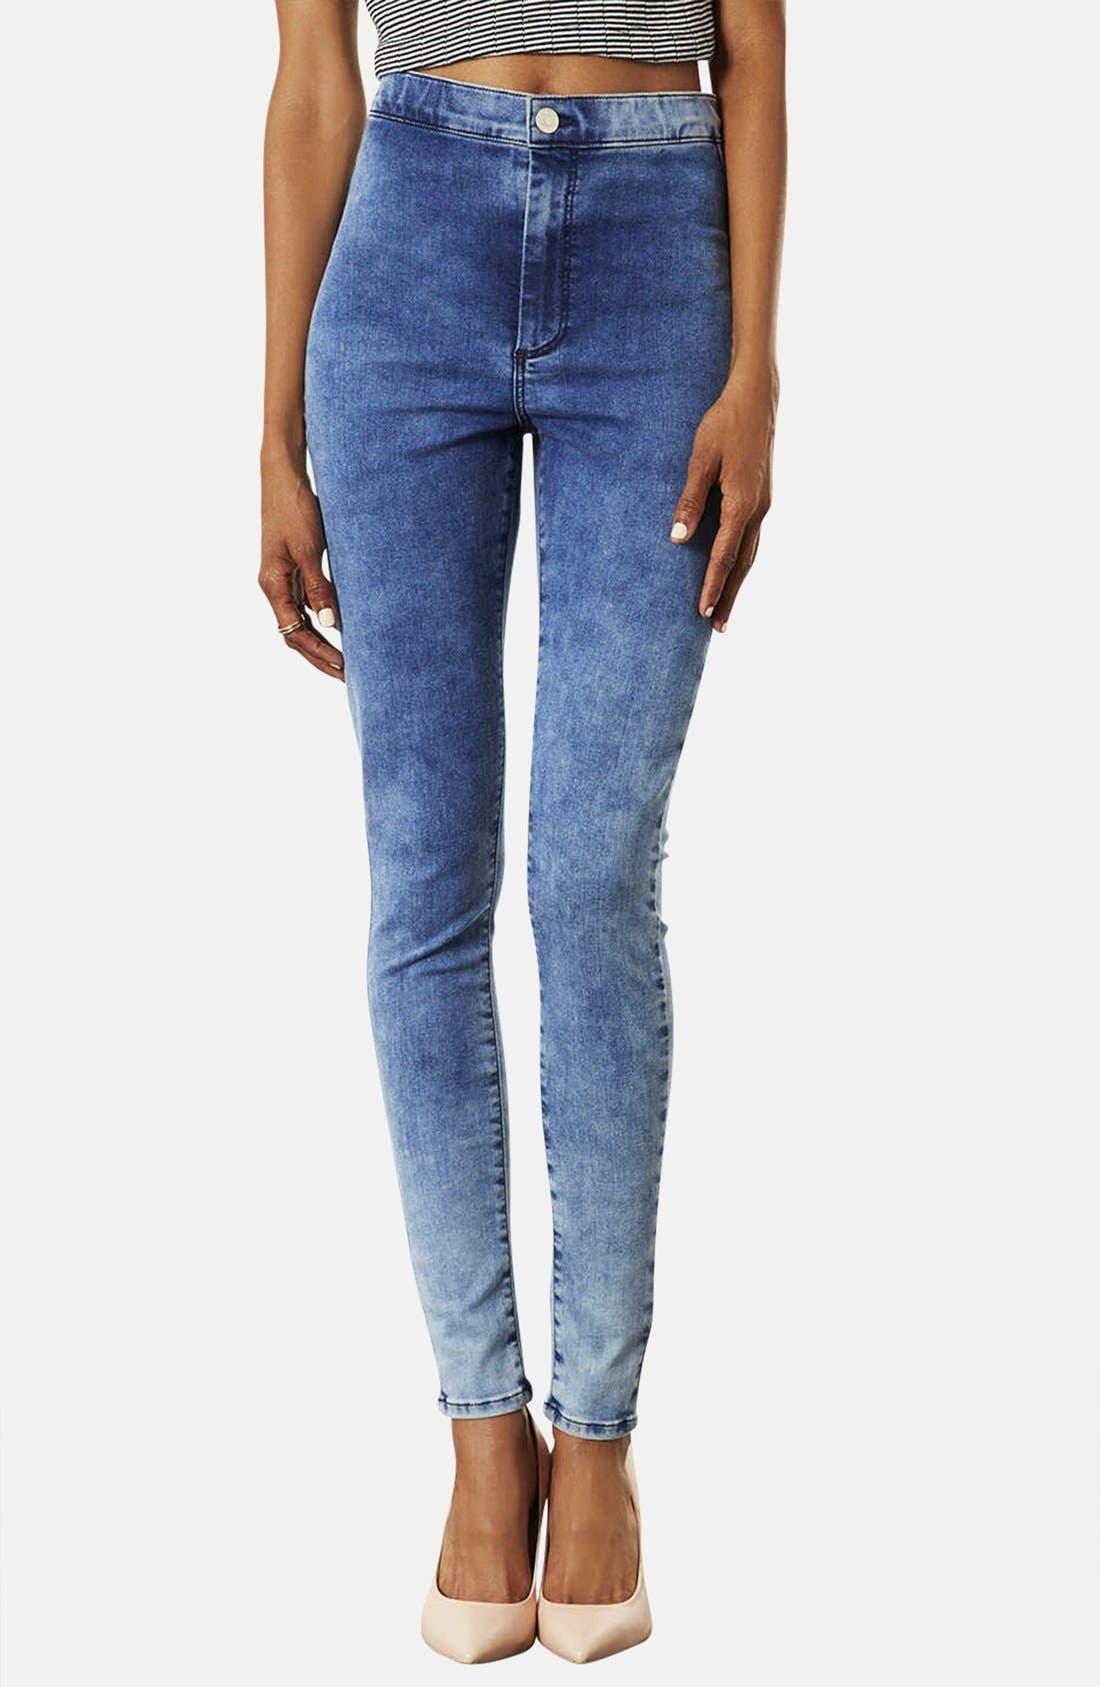 Alternate Image 1 Selected - Topshop Moto 'Joni' High Rise Mottled Skinny Jeans (Short) (Bleach Stone)